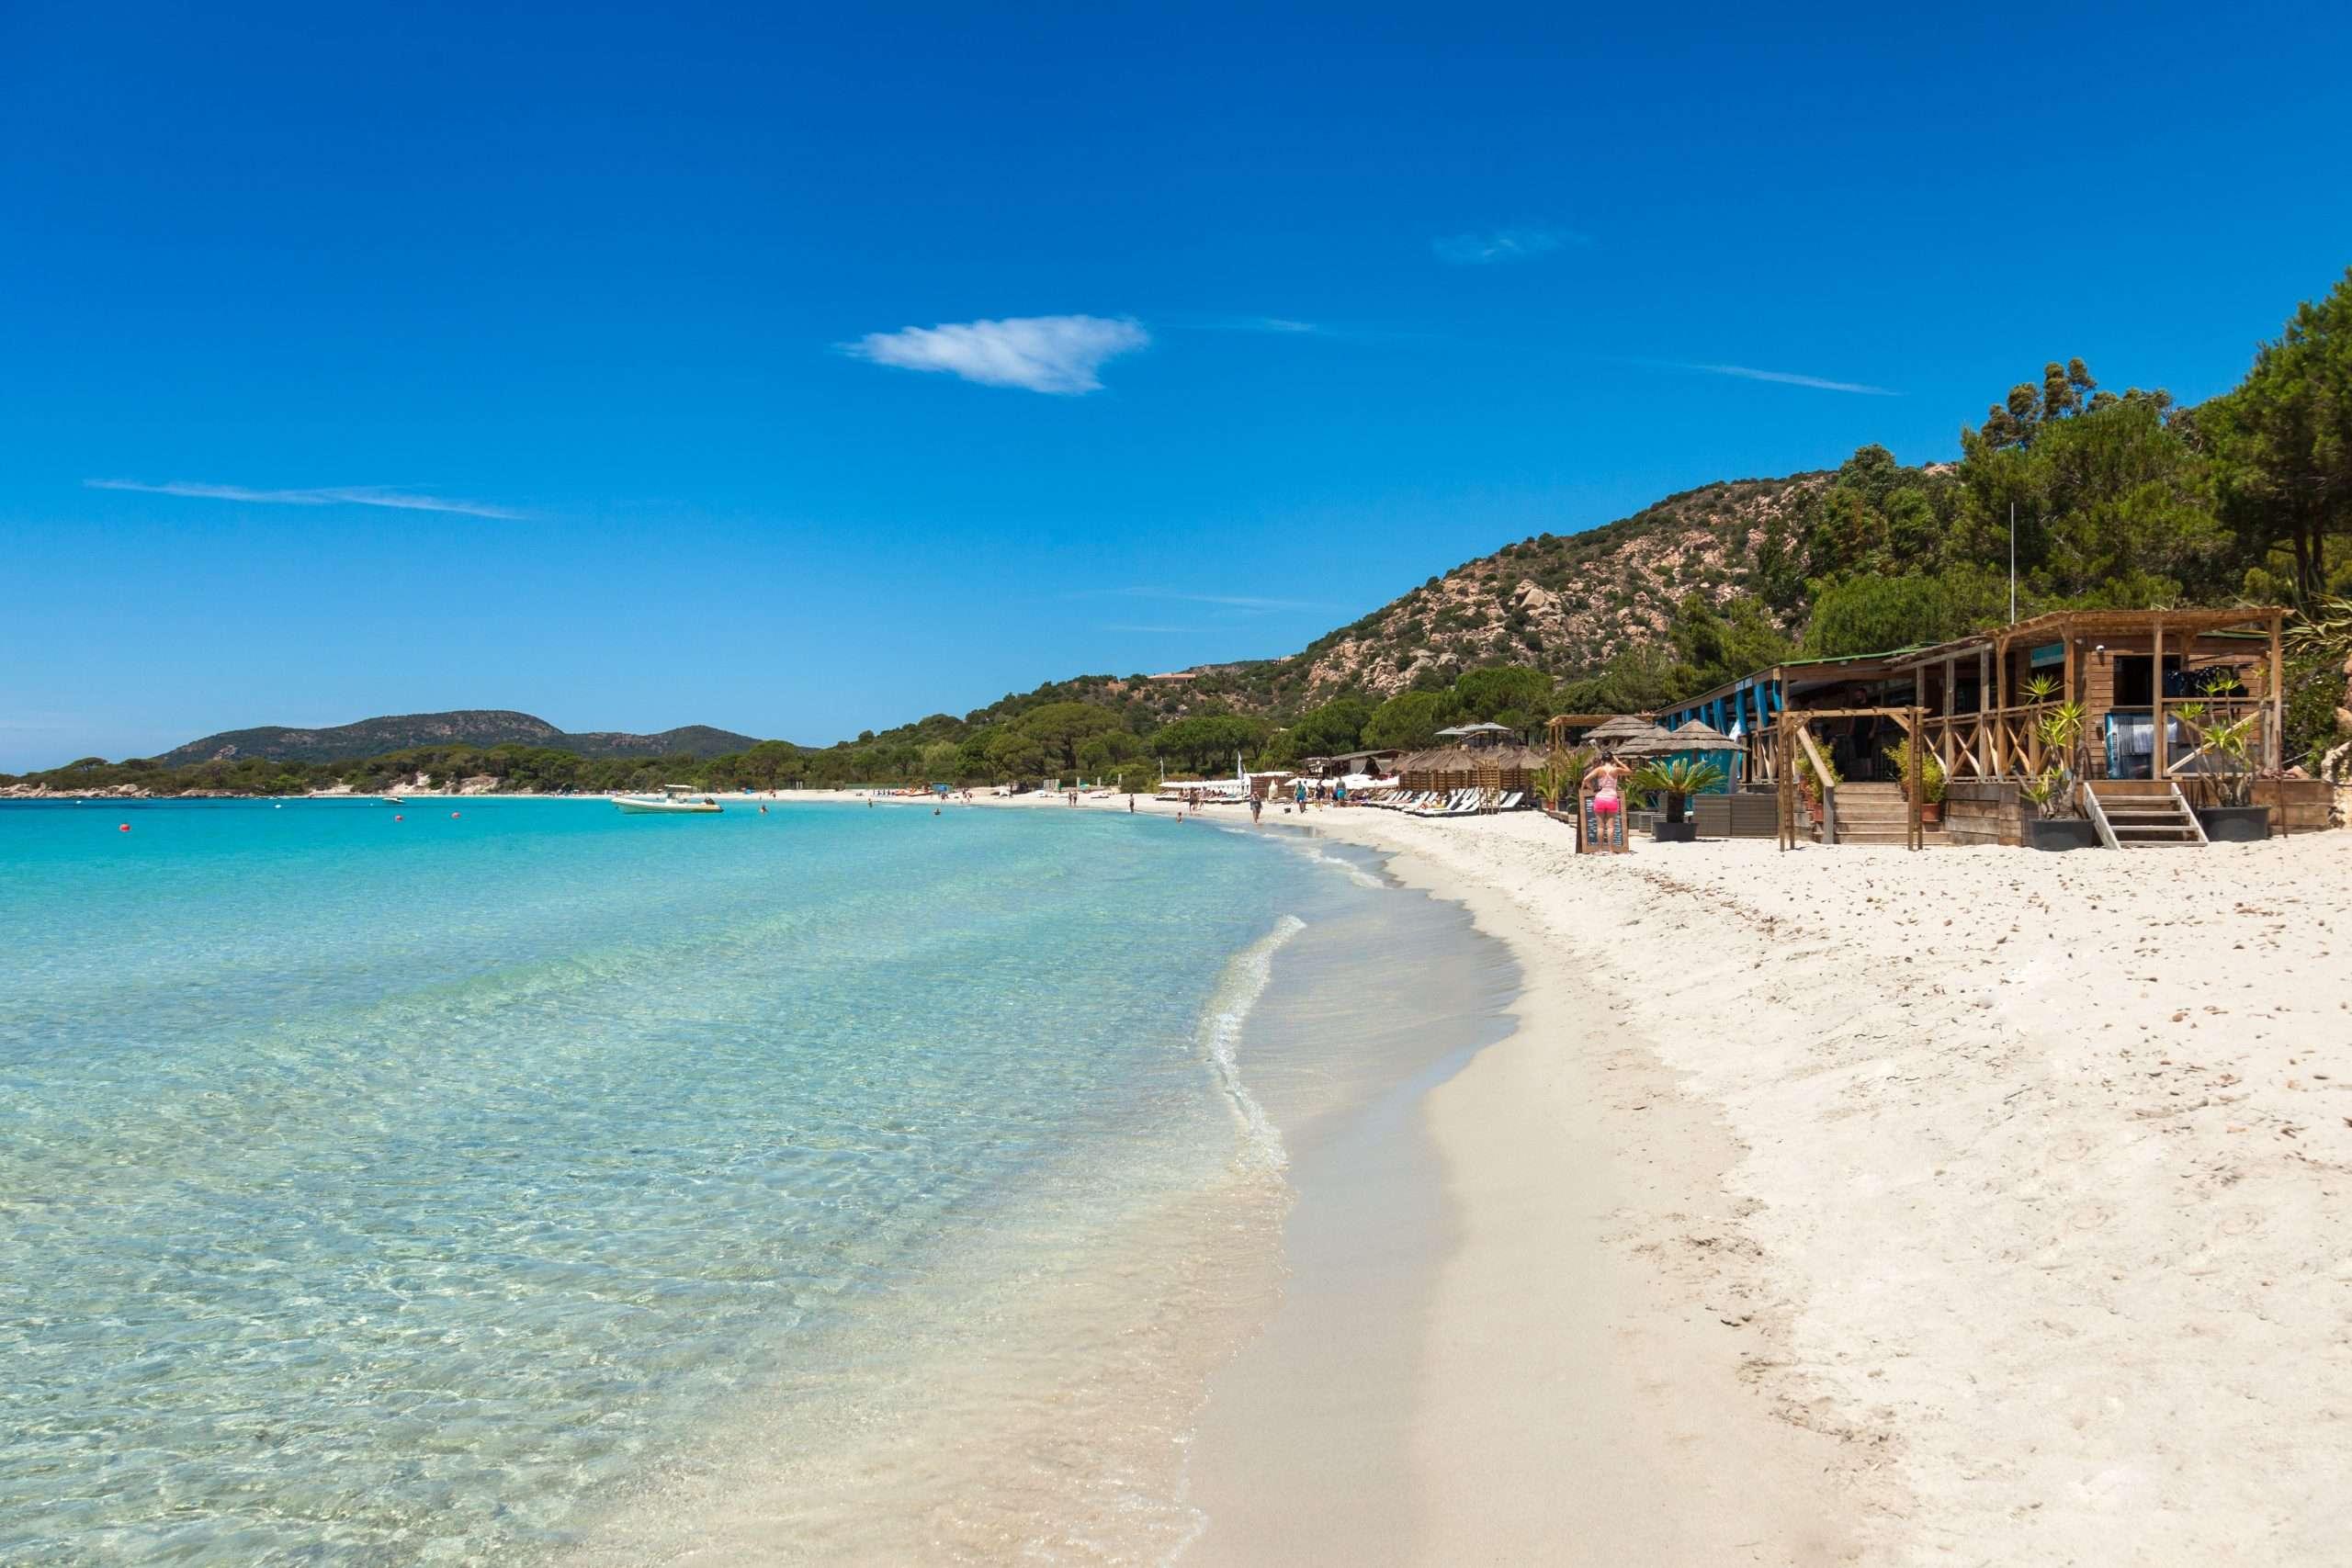 Plage de Palombaggia en Corse Porto-Vecchio parmi les plus belles plages de France où se rendre cet été